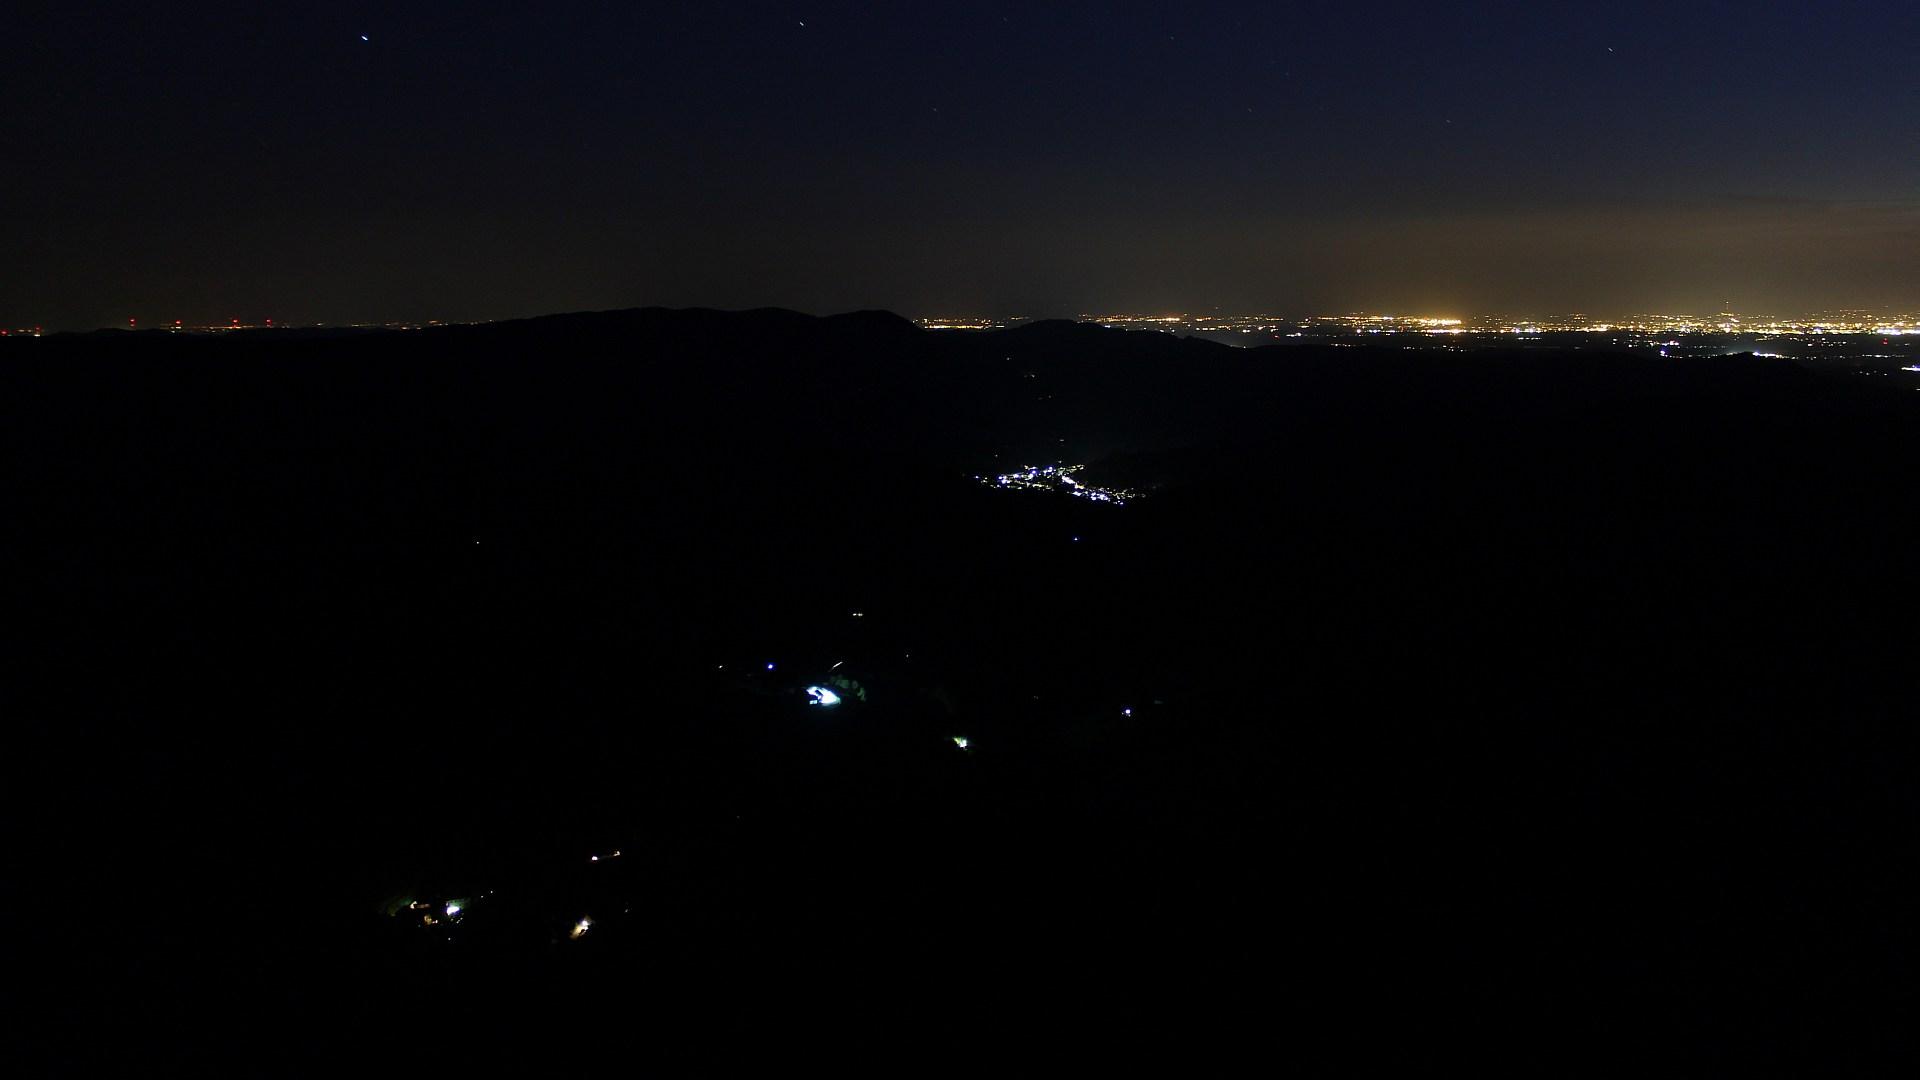 Aufnahme: Buchkopfturm vom 23.07.2019 23:00